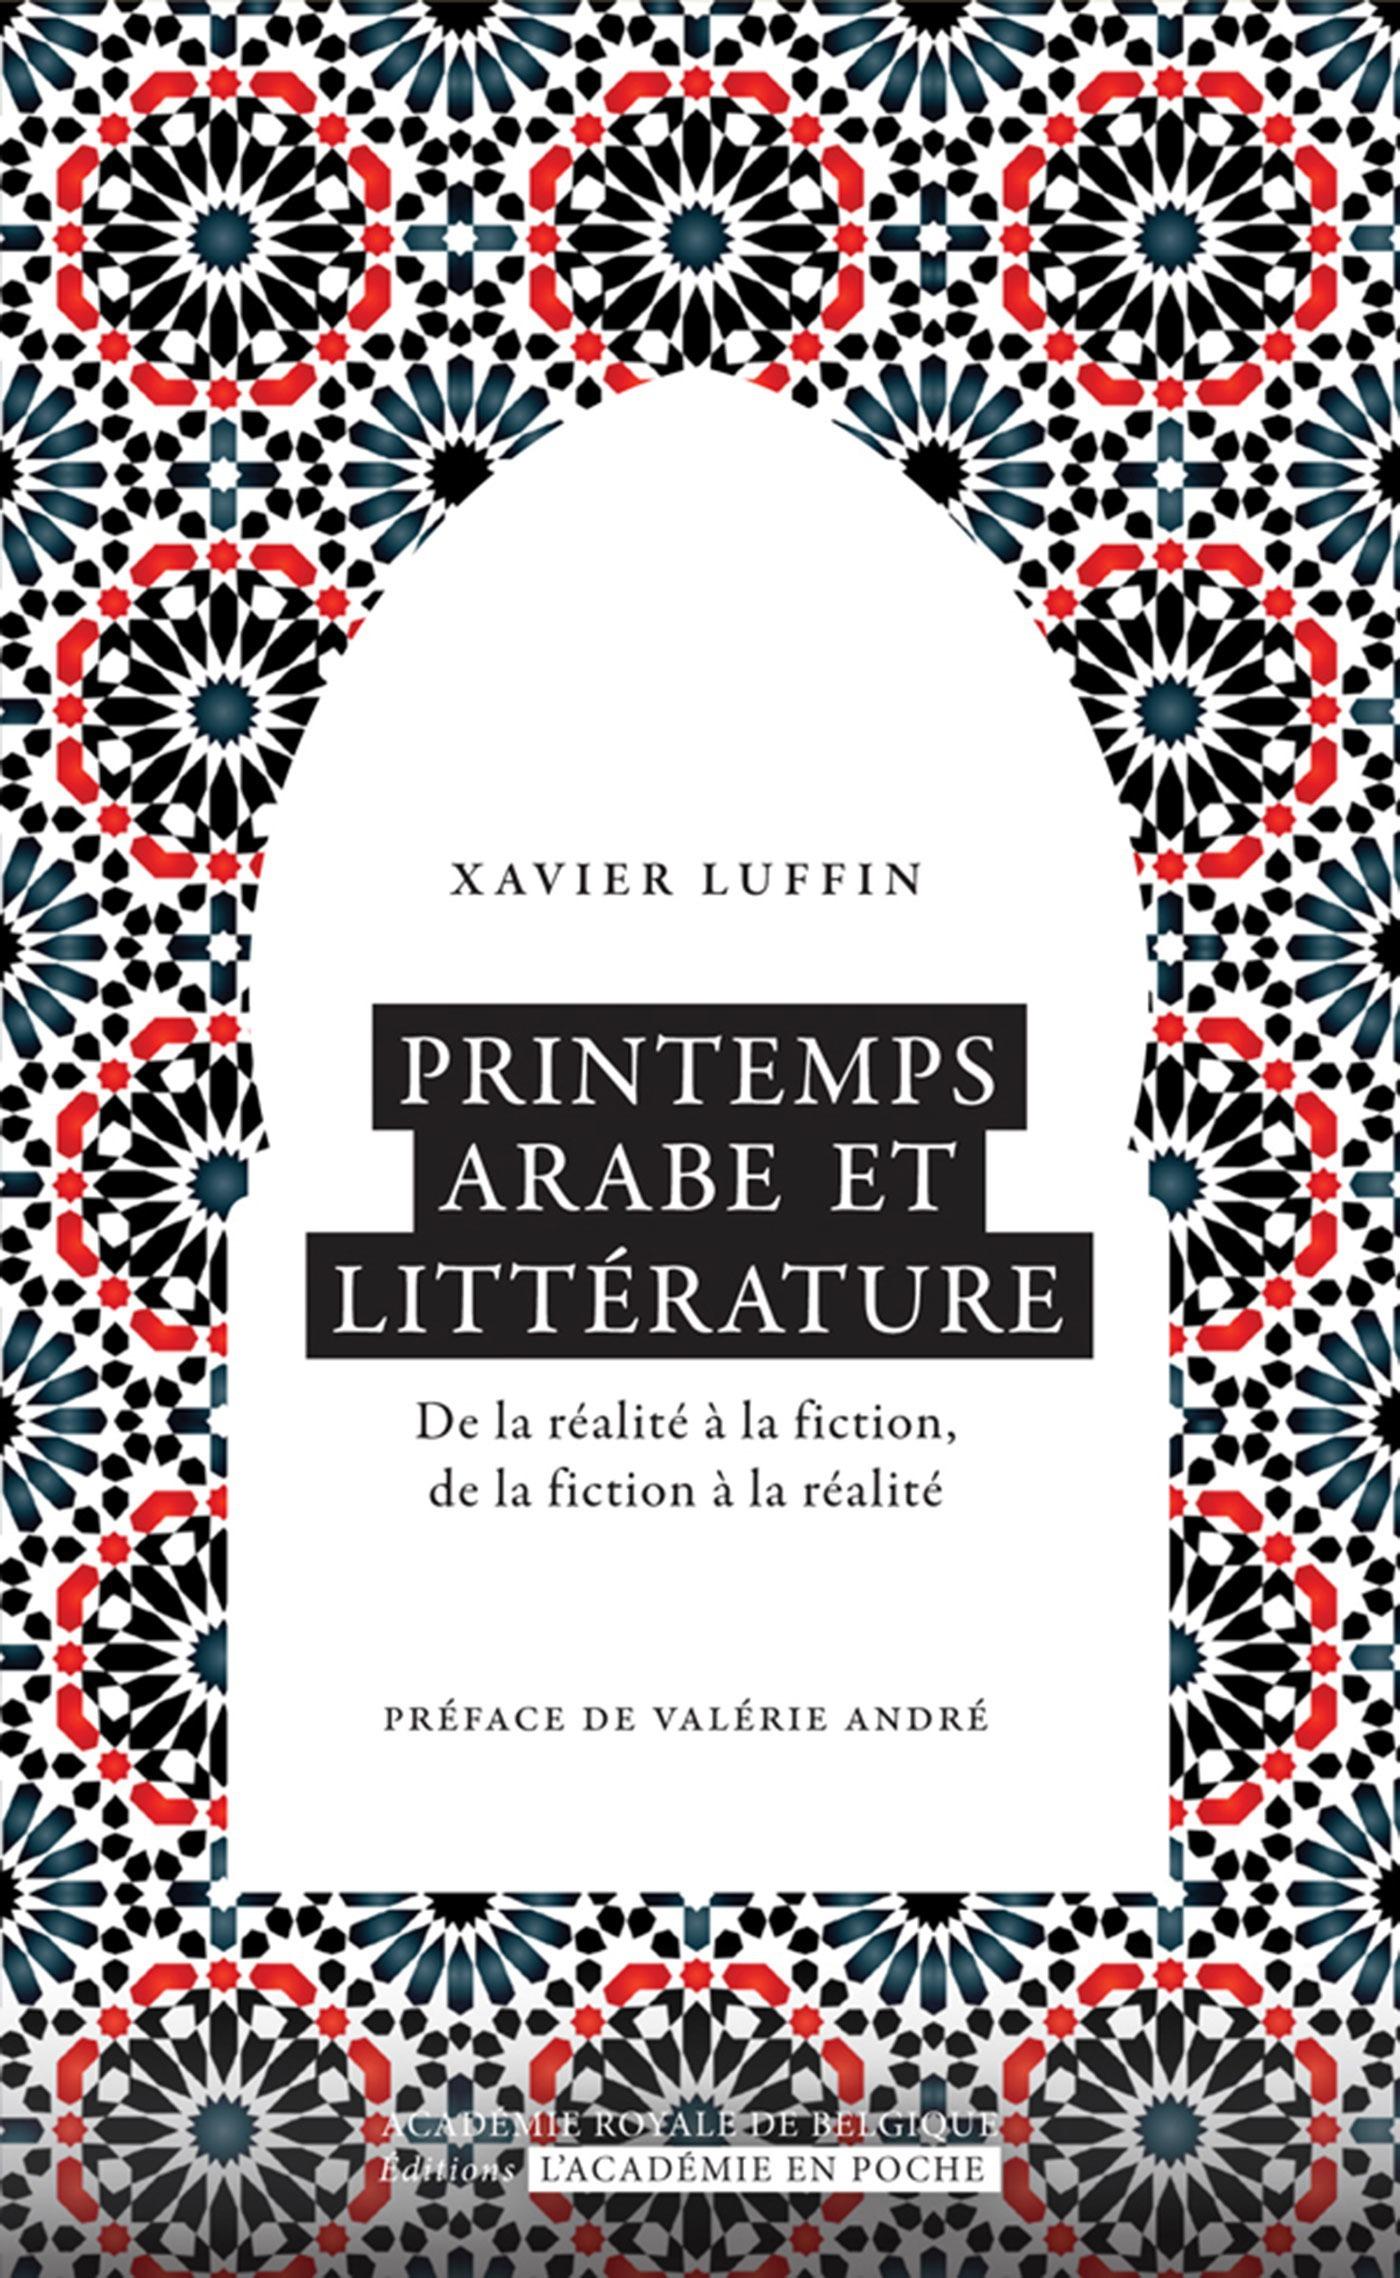 Printemps arabe et littérature ; de la réalité à la fiction, de la fiction à la réalité